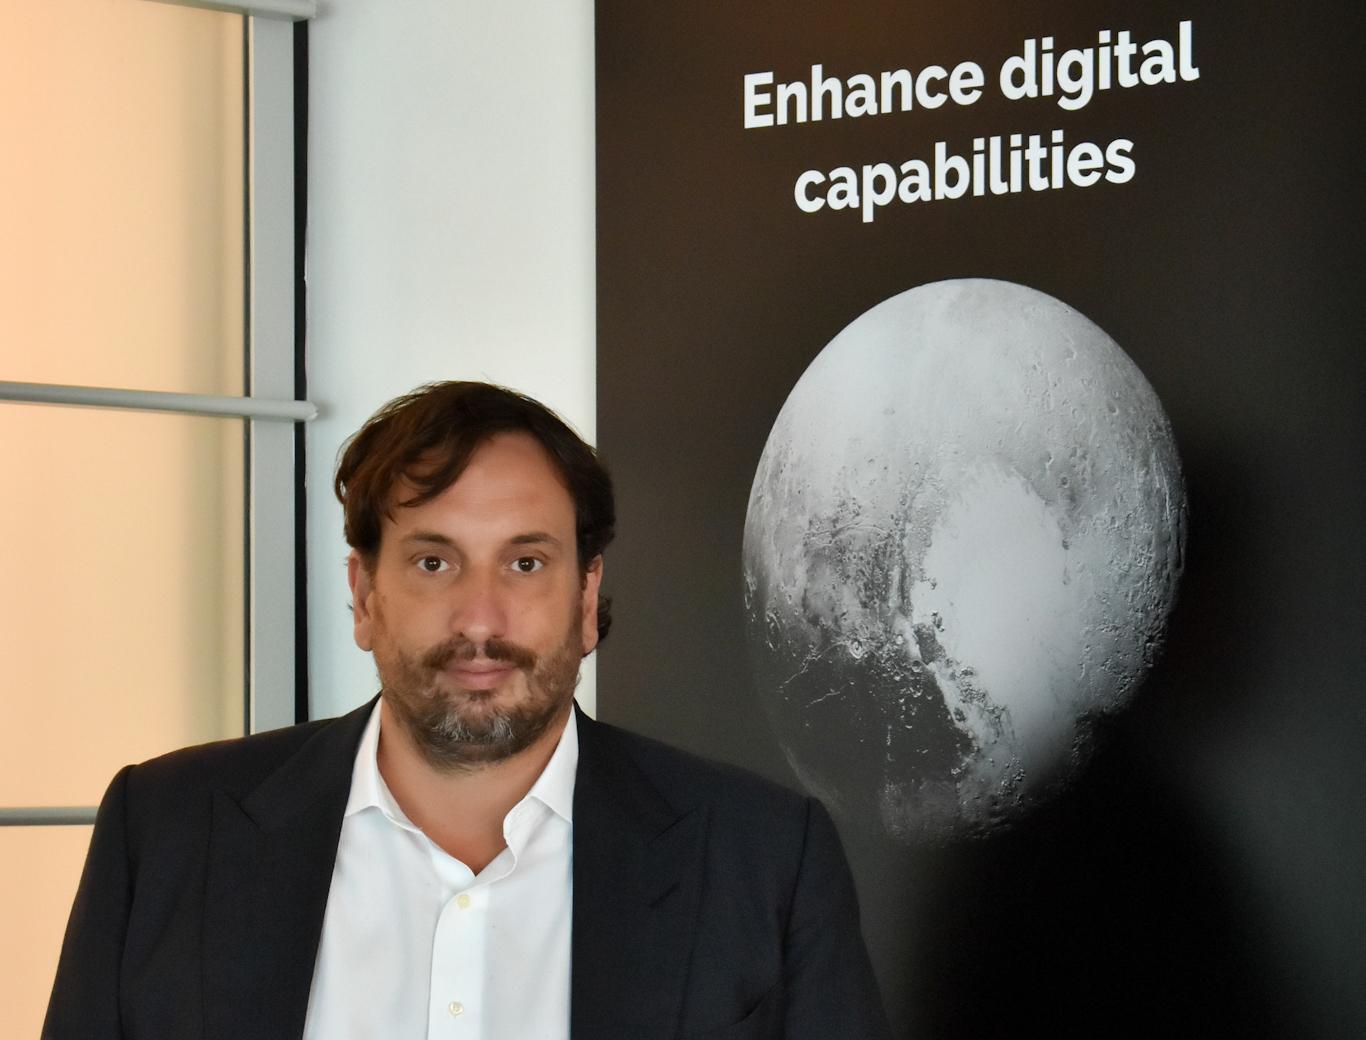 PiemonteHoldingconclui compra de data centers da Oi por R$ 367 milhões